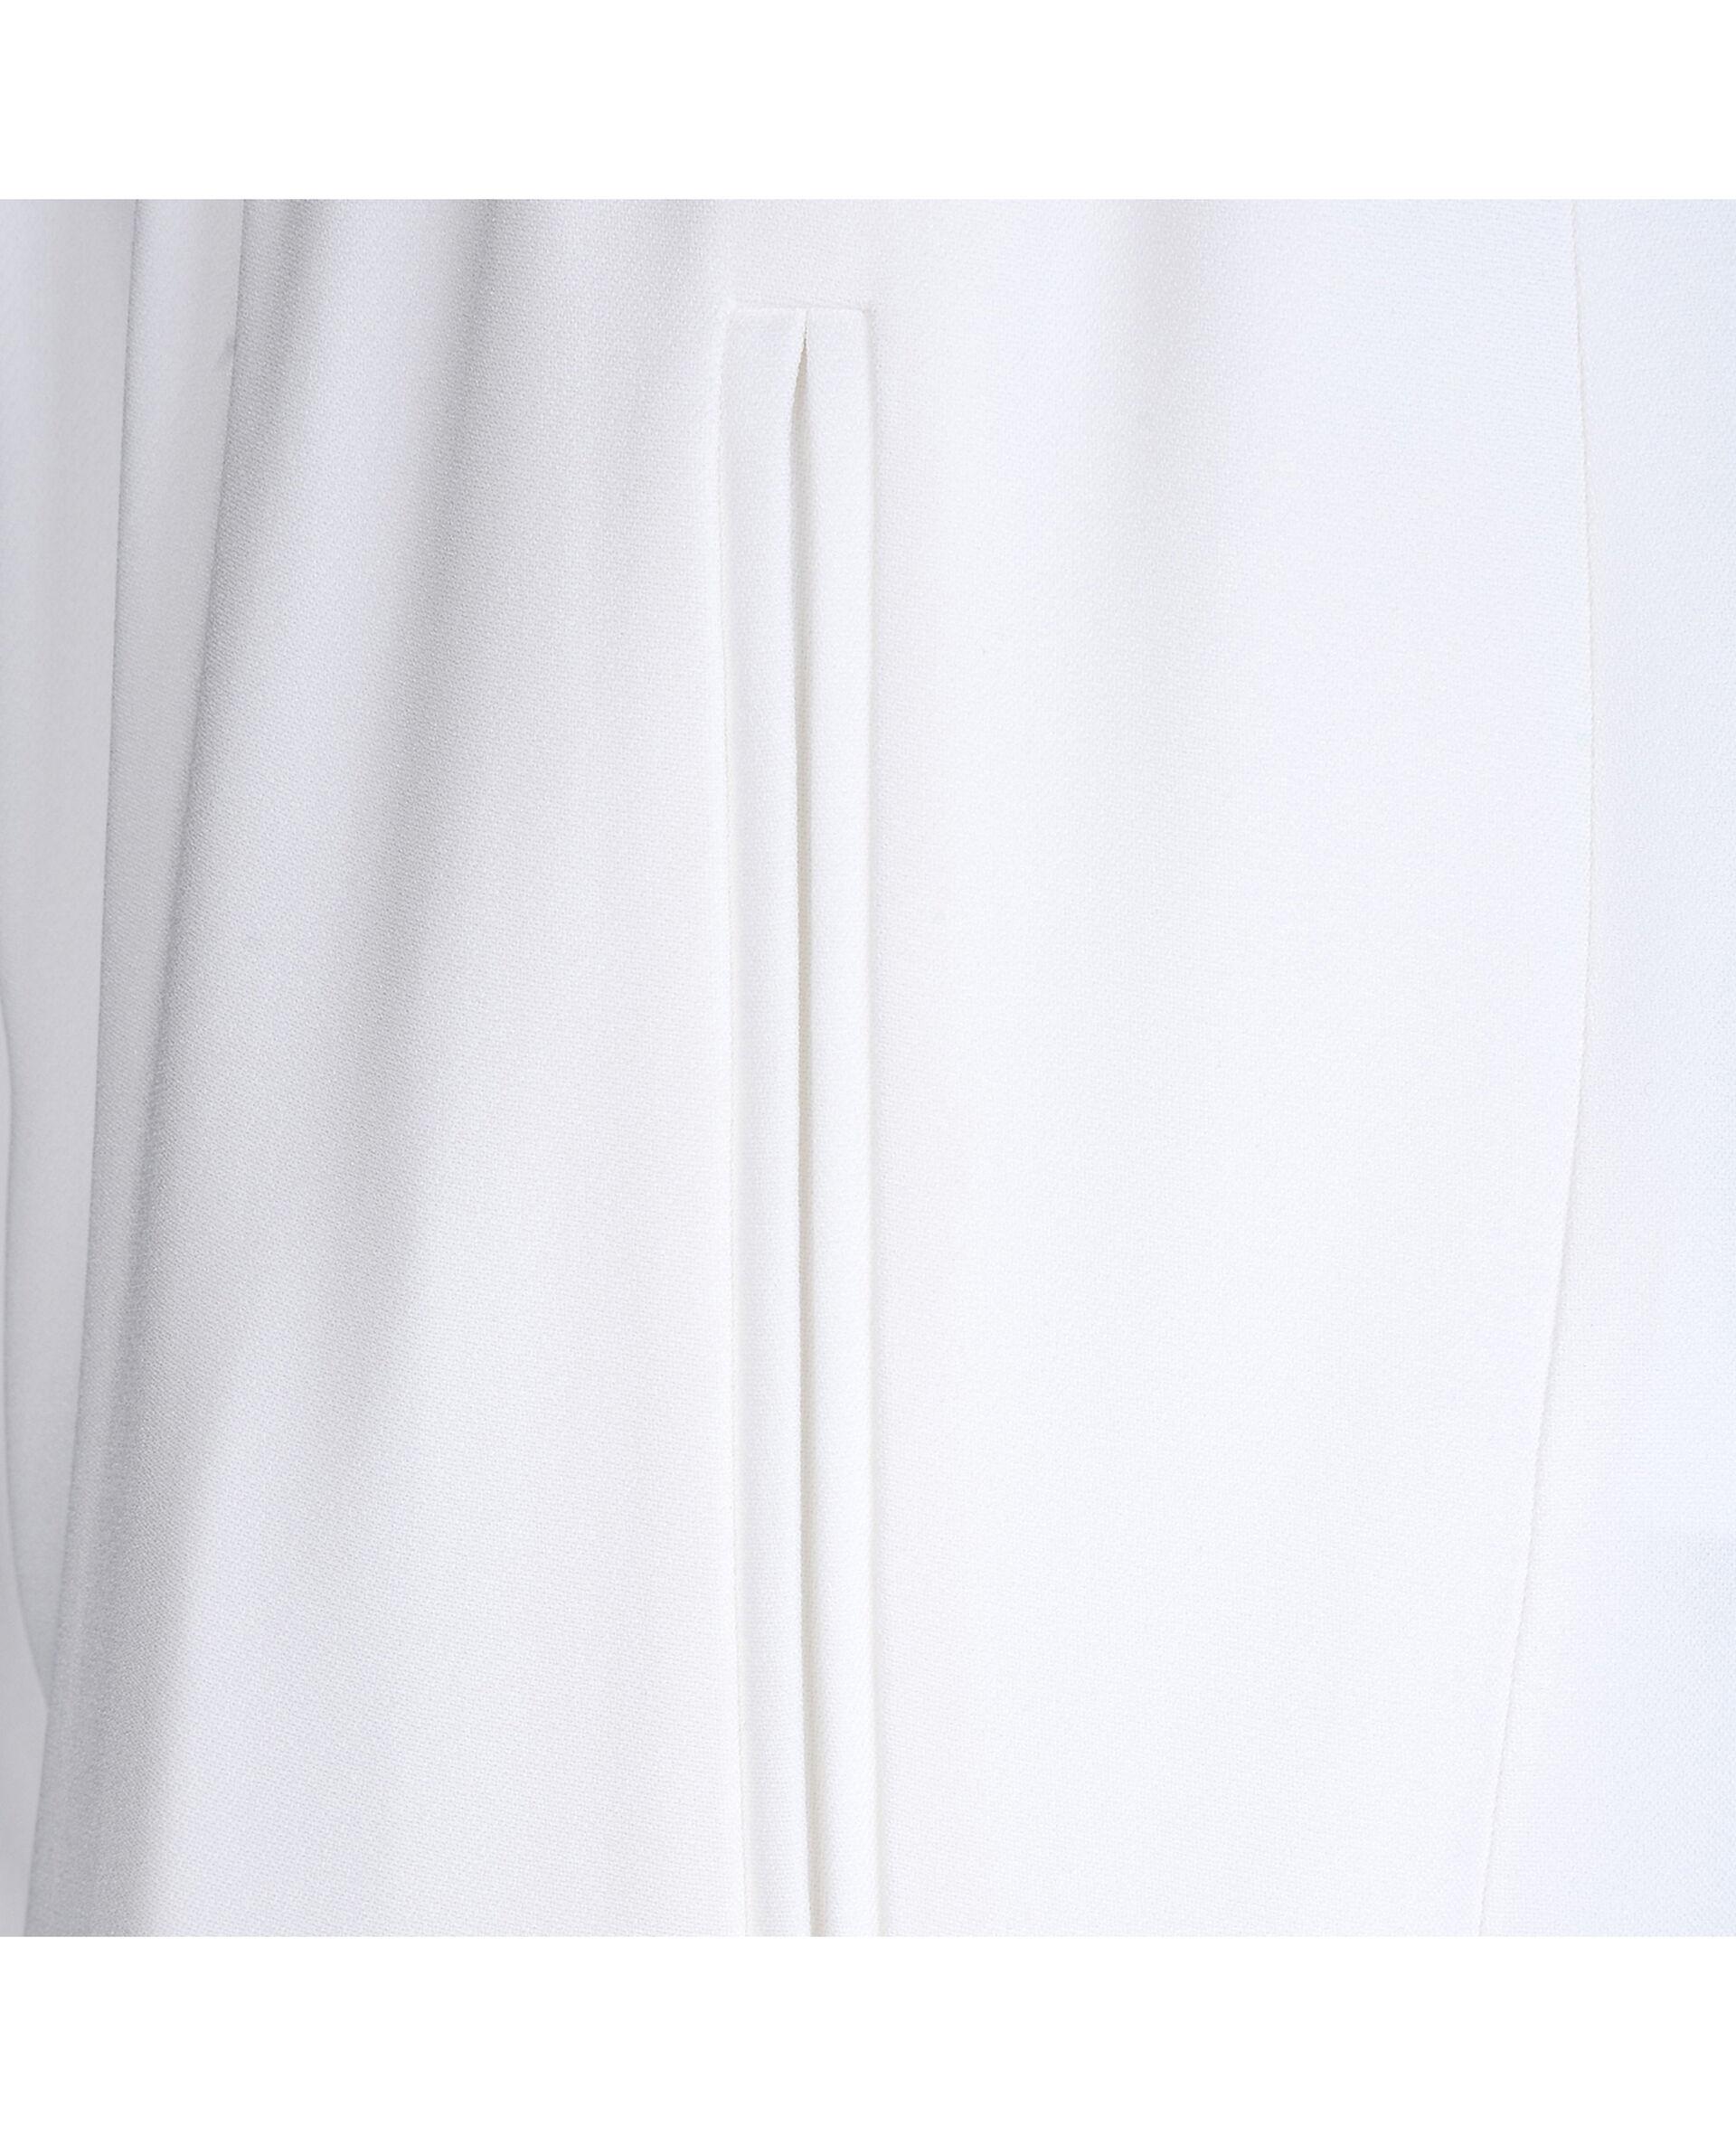 Pantalon Tamara-Noir-large image number 3